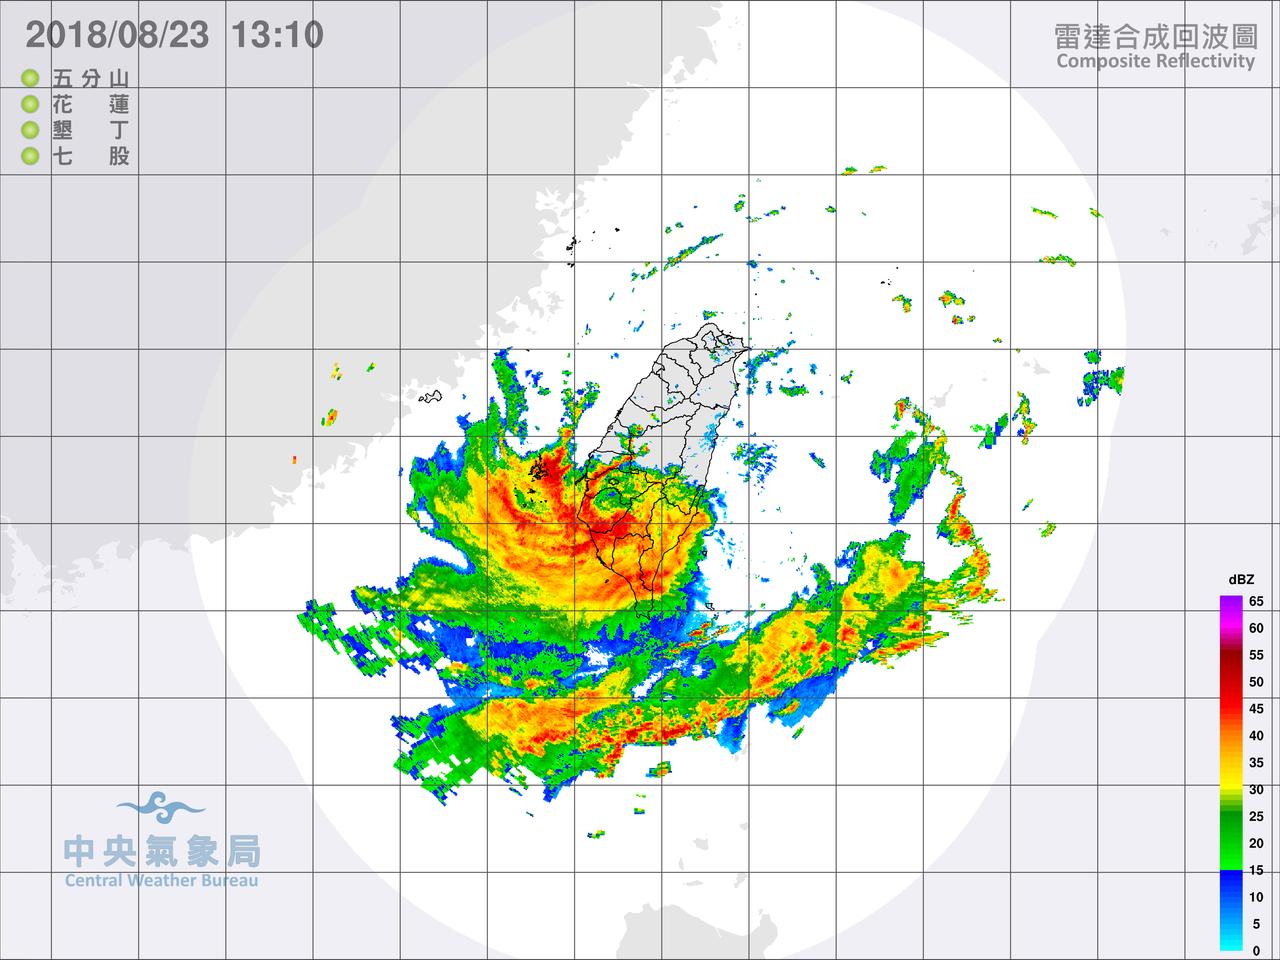 中央氣象局針對台南、高雄發布大雷雨即時訊息,並已針對此大雷雨發布細胞廣播示警(P...